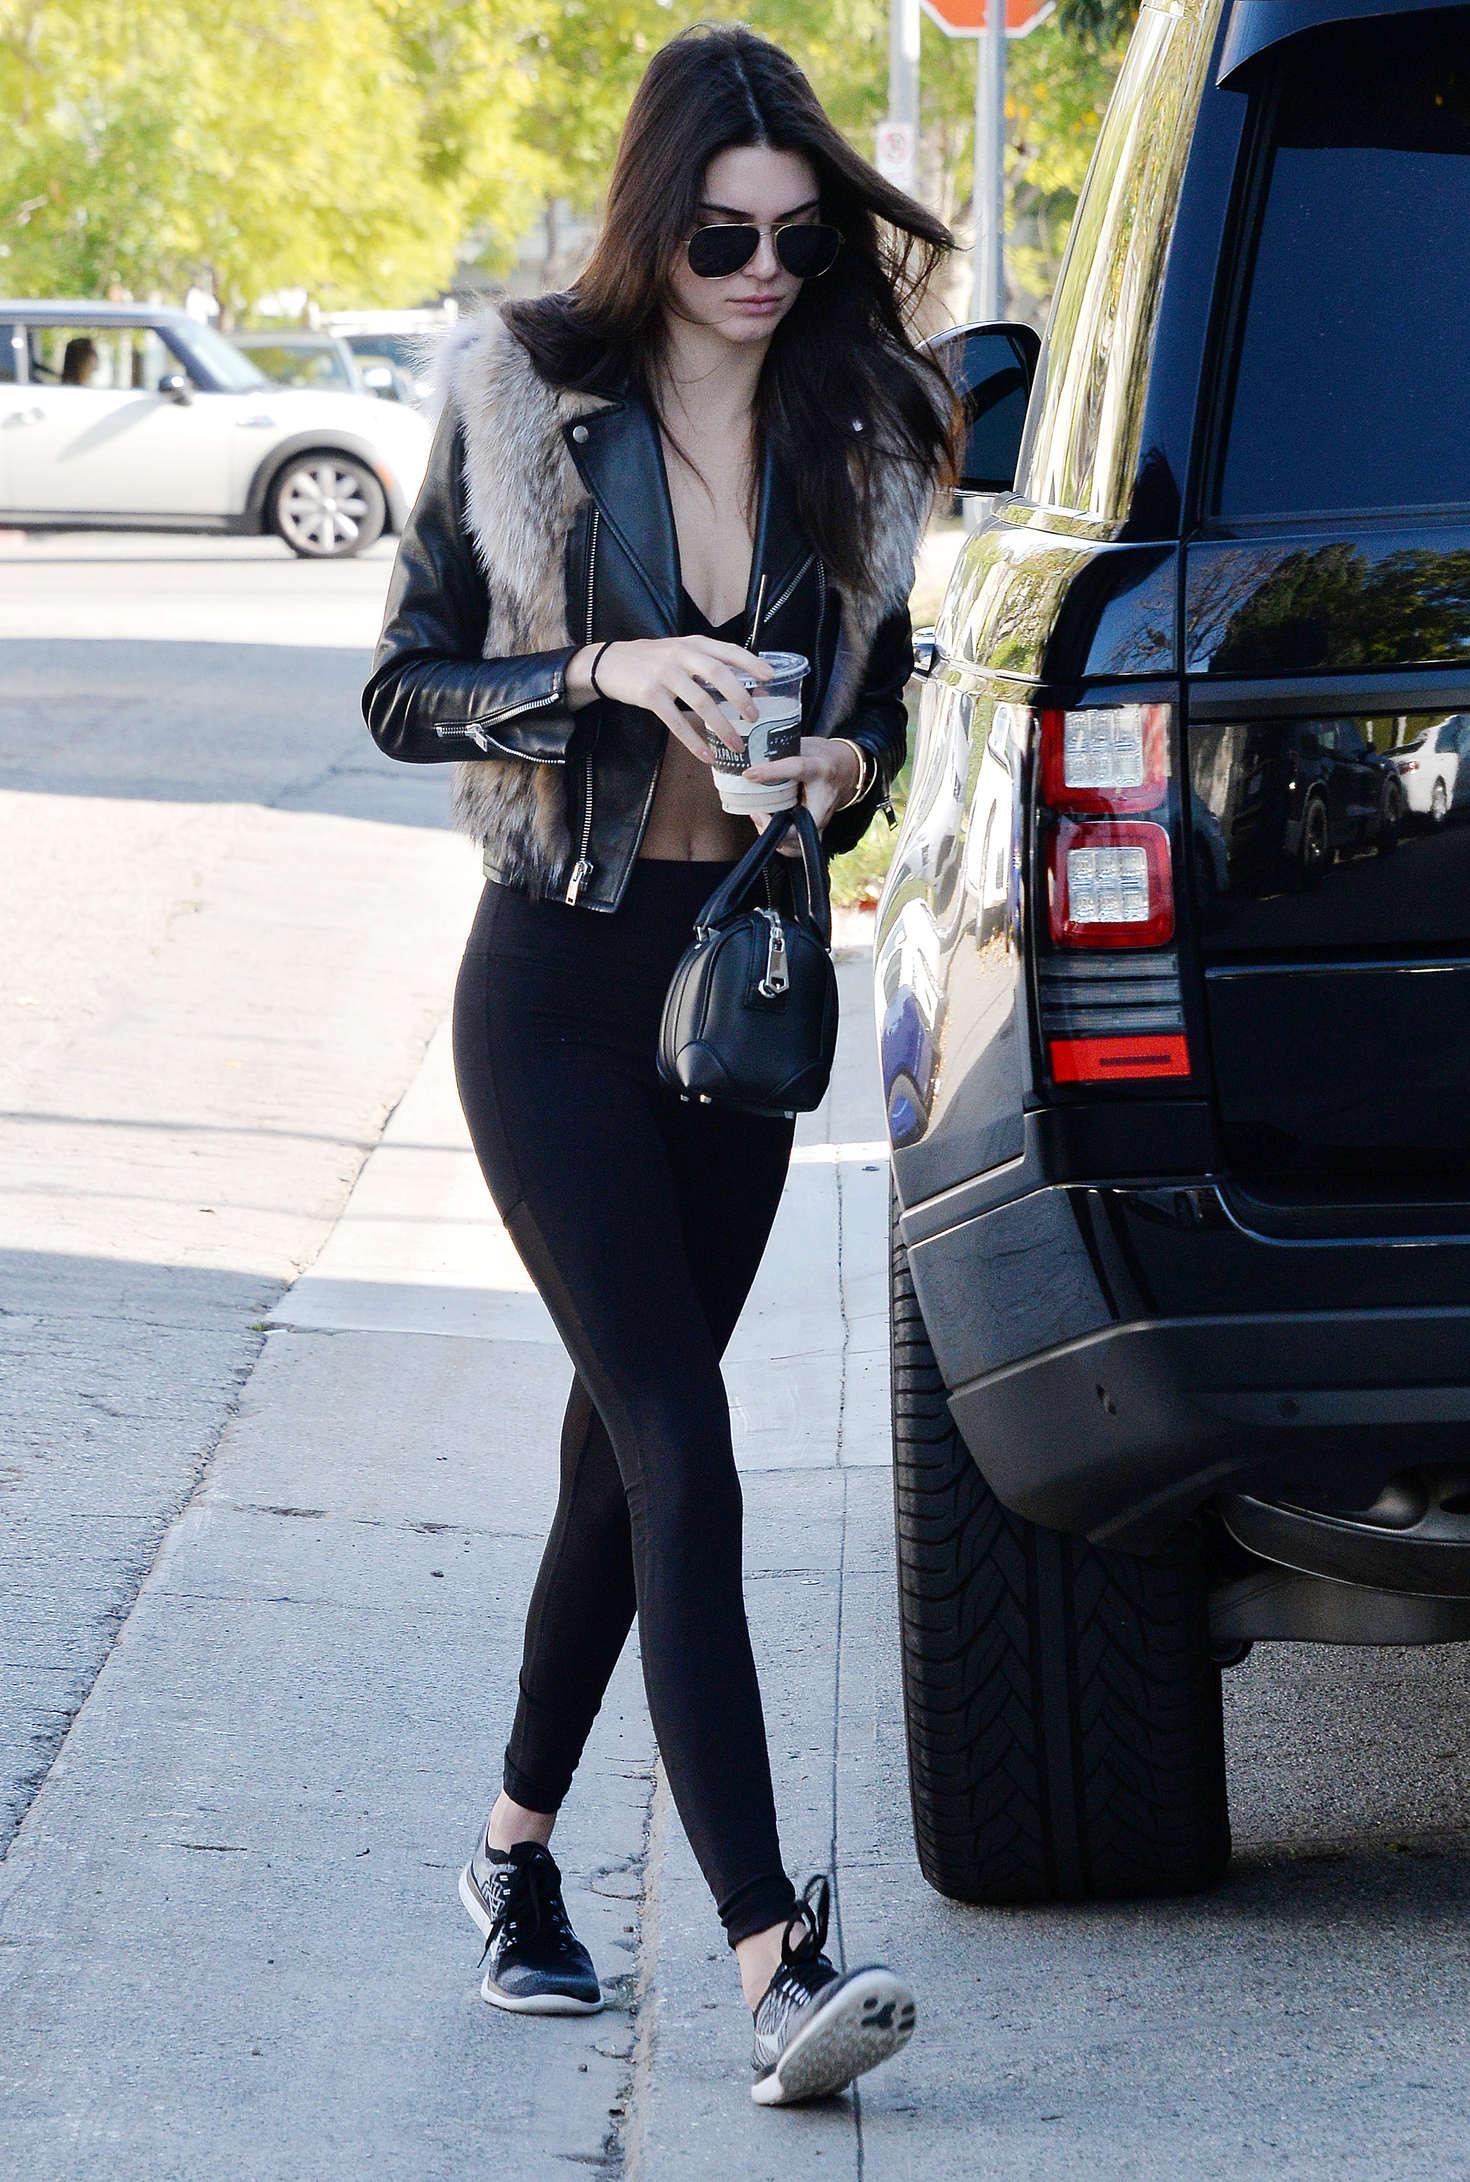 Kendall Jenner 2016 : Kendall Jenner in Leggings -72